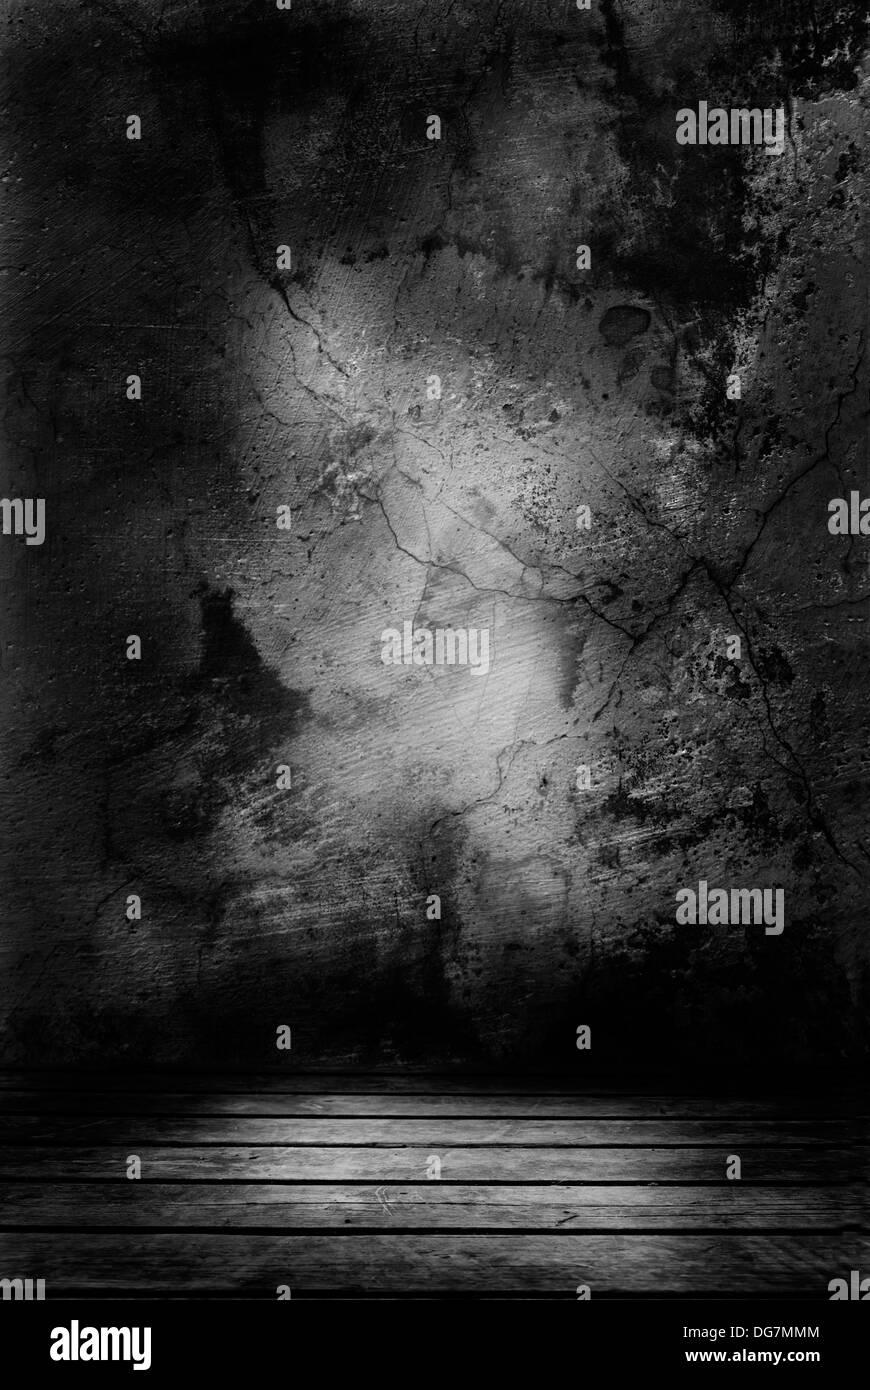 Geheimnisvollen Dunklen Raum Mit Zerstörten Mauer Stockfoto Bild